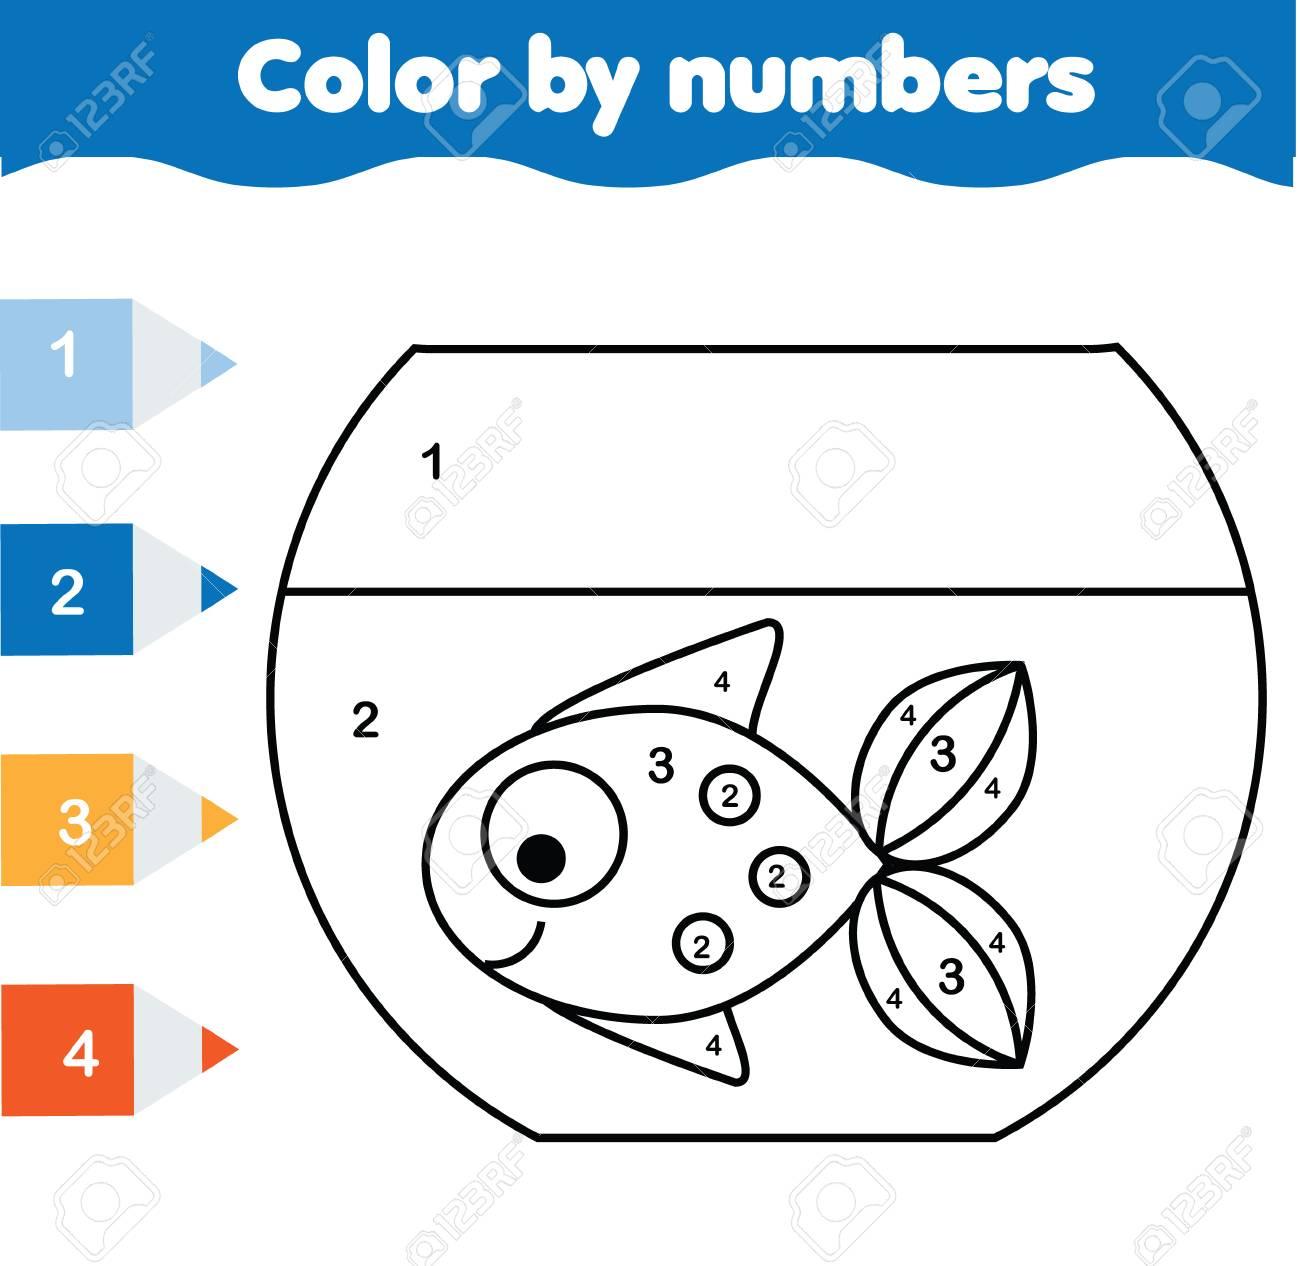 Lernspiel Für Kinder. Malvorlage Mit Fischen Im Aquarium. Farbe Nach ...